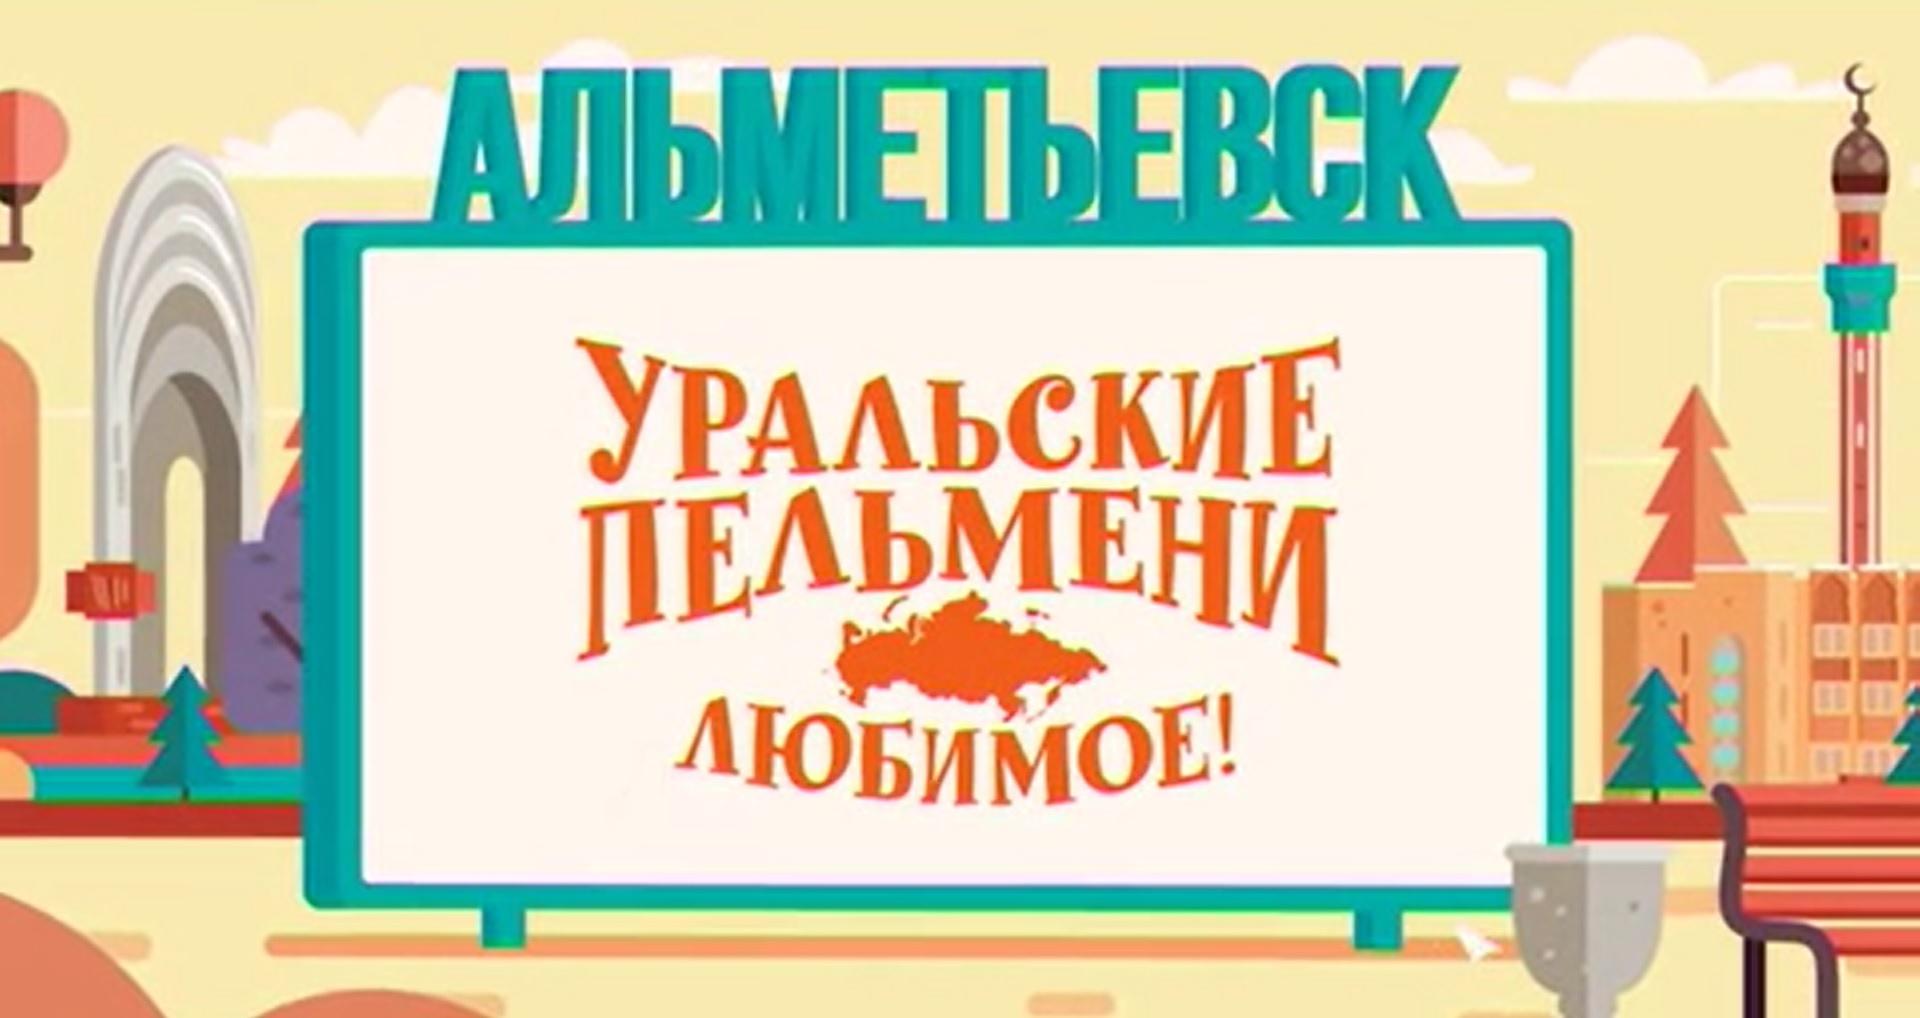 Творческий коллектив Уральские Пельмени Уральские пельмени. Любимое. Альметьевск